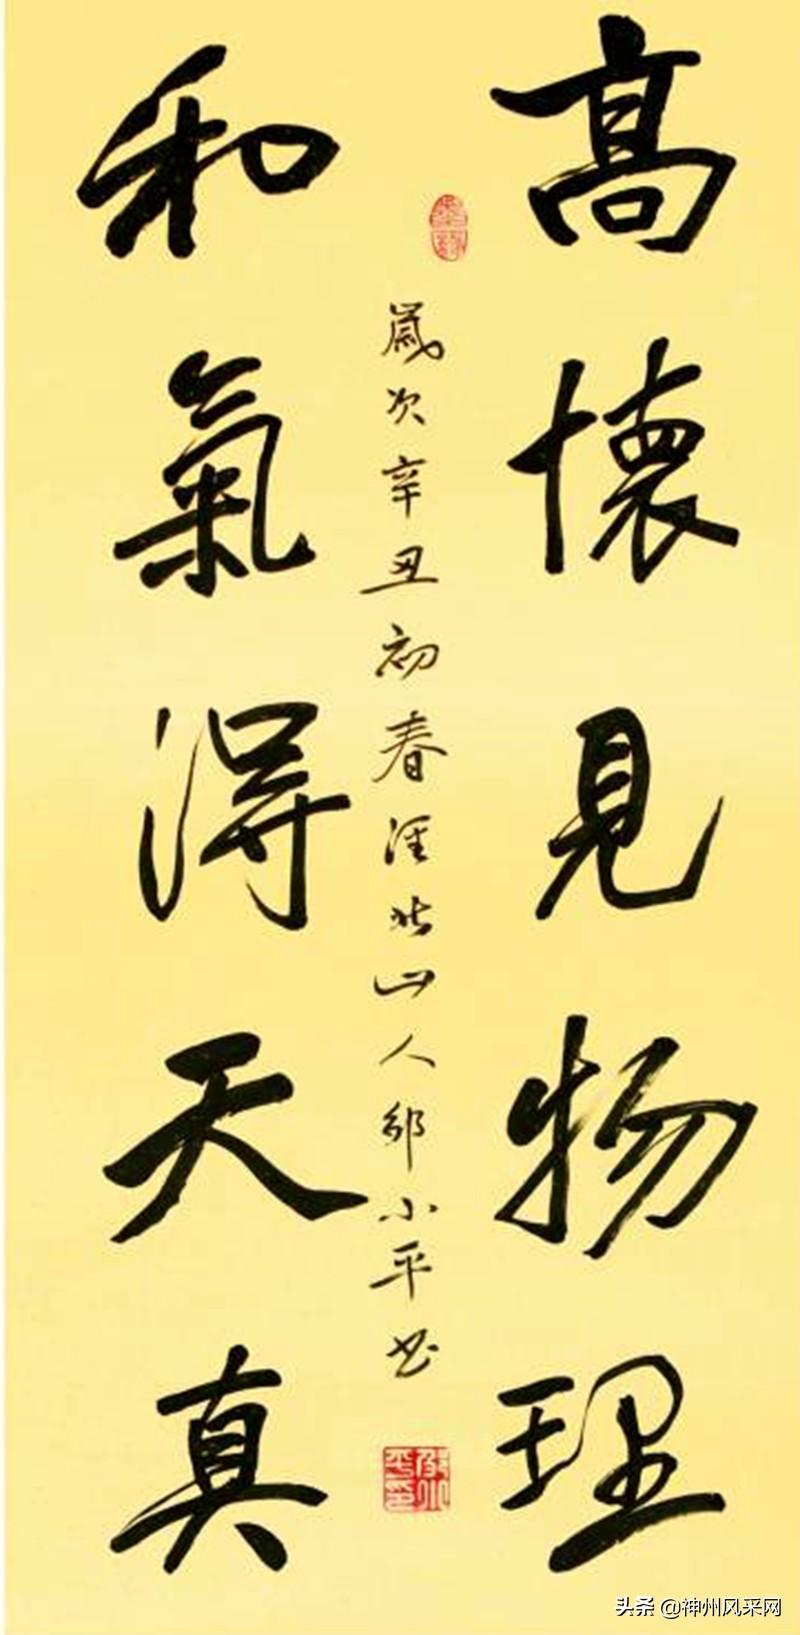 """「神州头条」翰墨抒怀""""献礼建党百年华诞""""彬州邹小平书法作品展"""